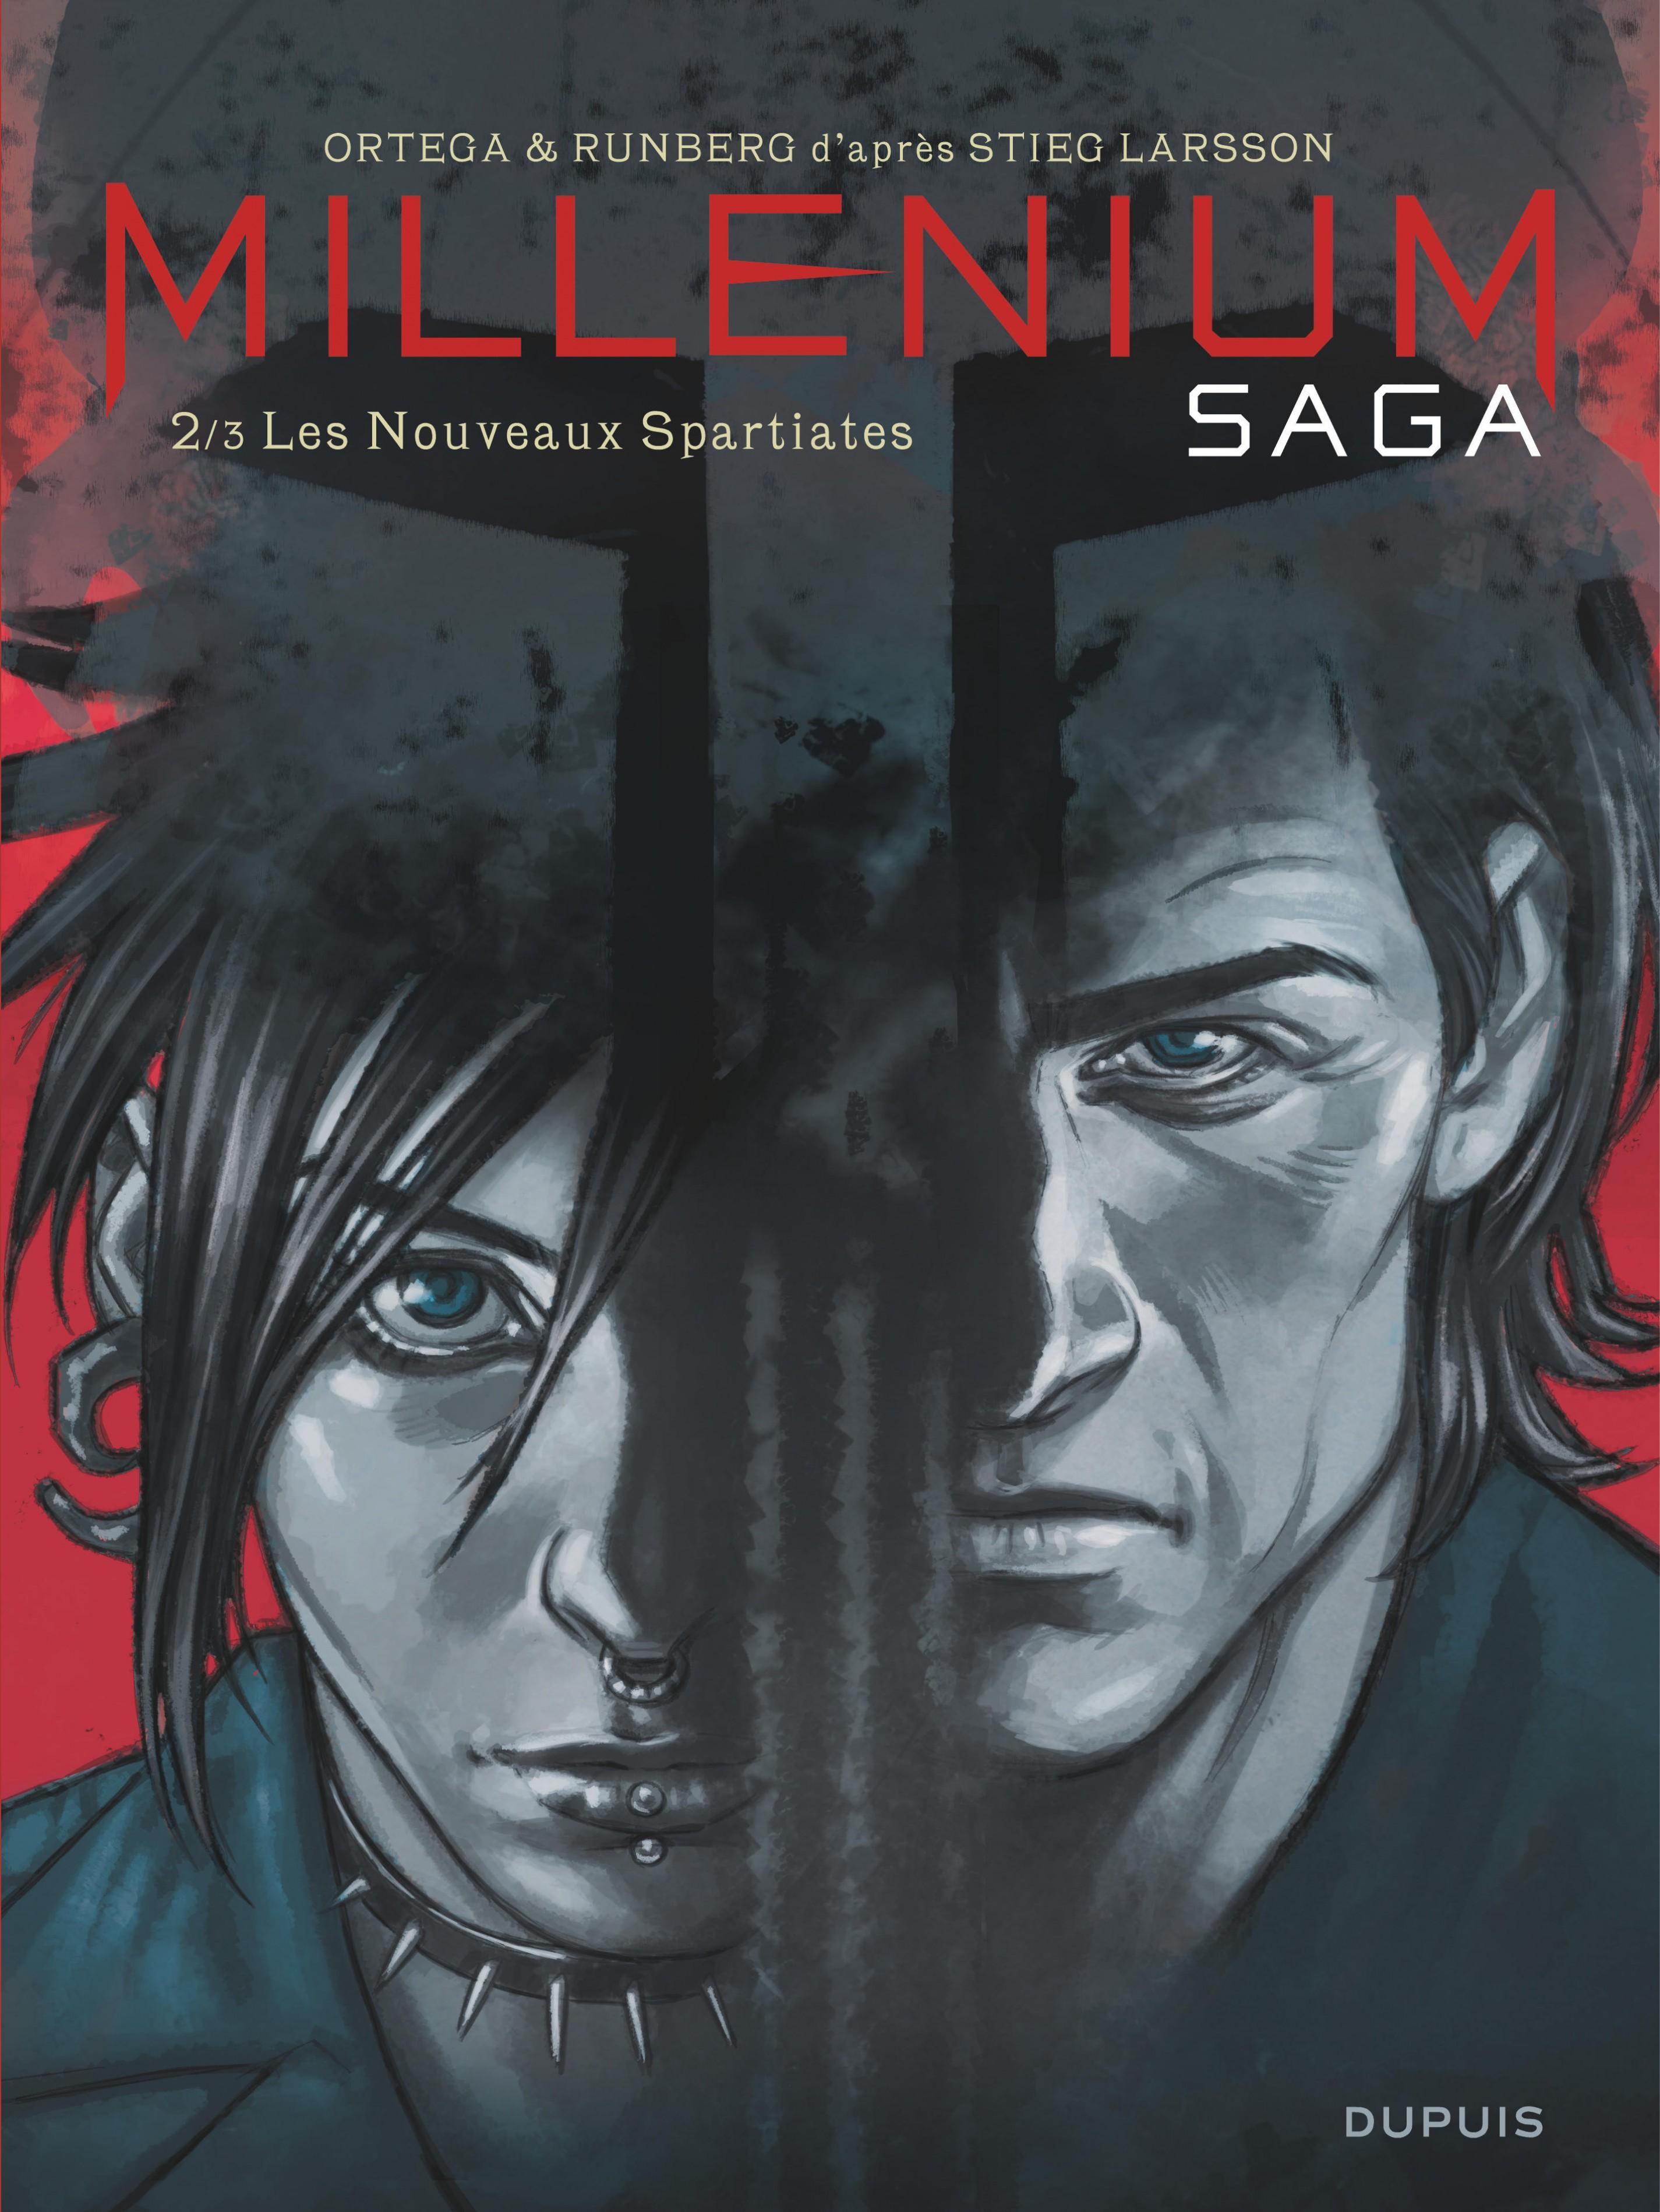 Millénium saga - Tome 2 - Les Nouveaux Spartiates | Runberg, Sylvain